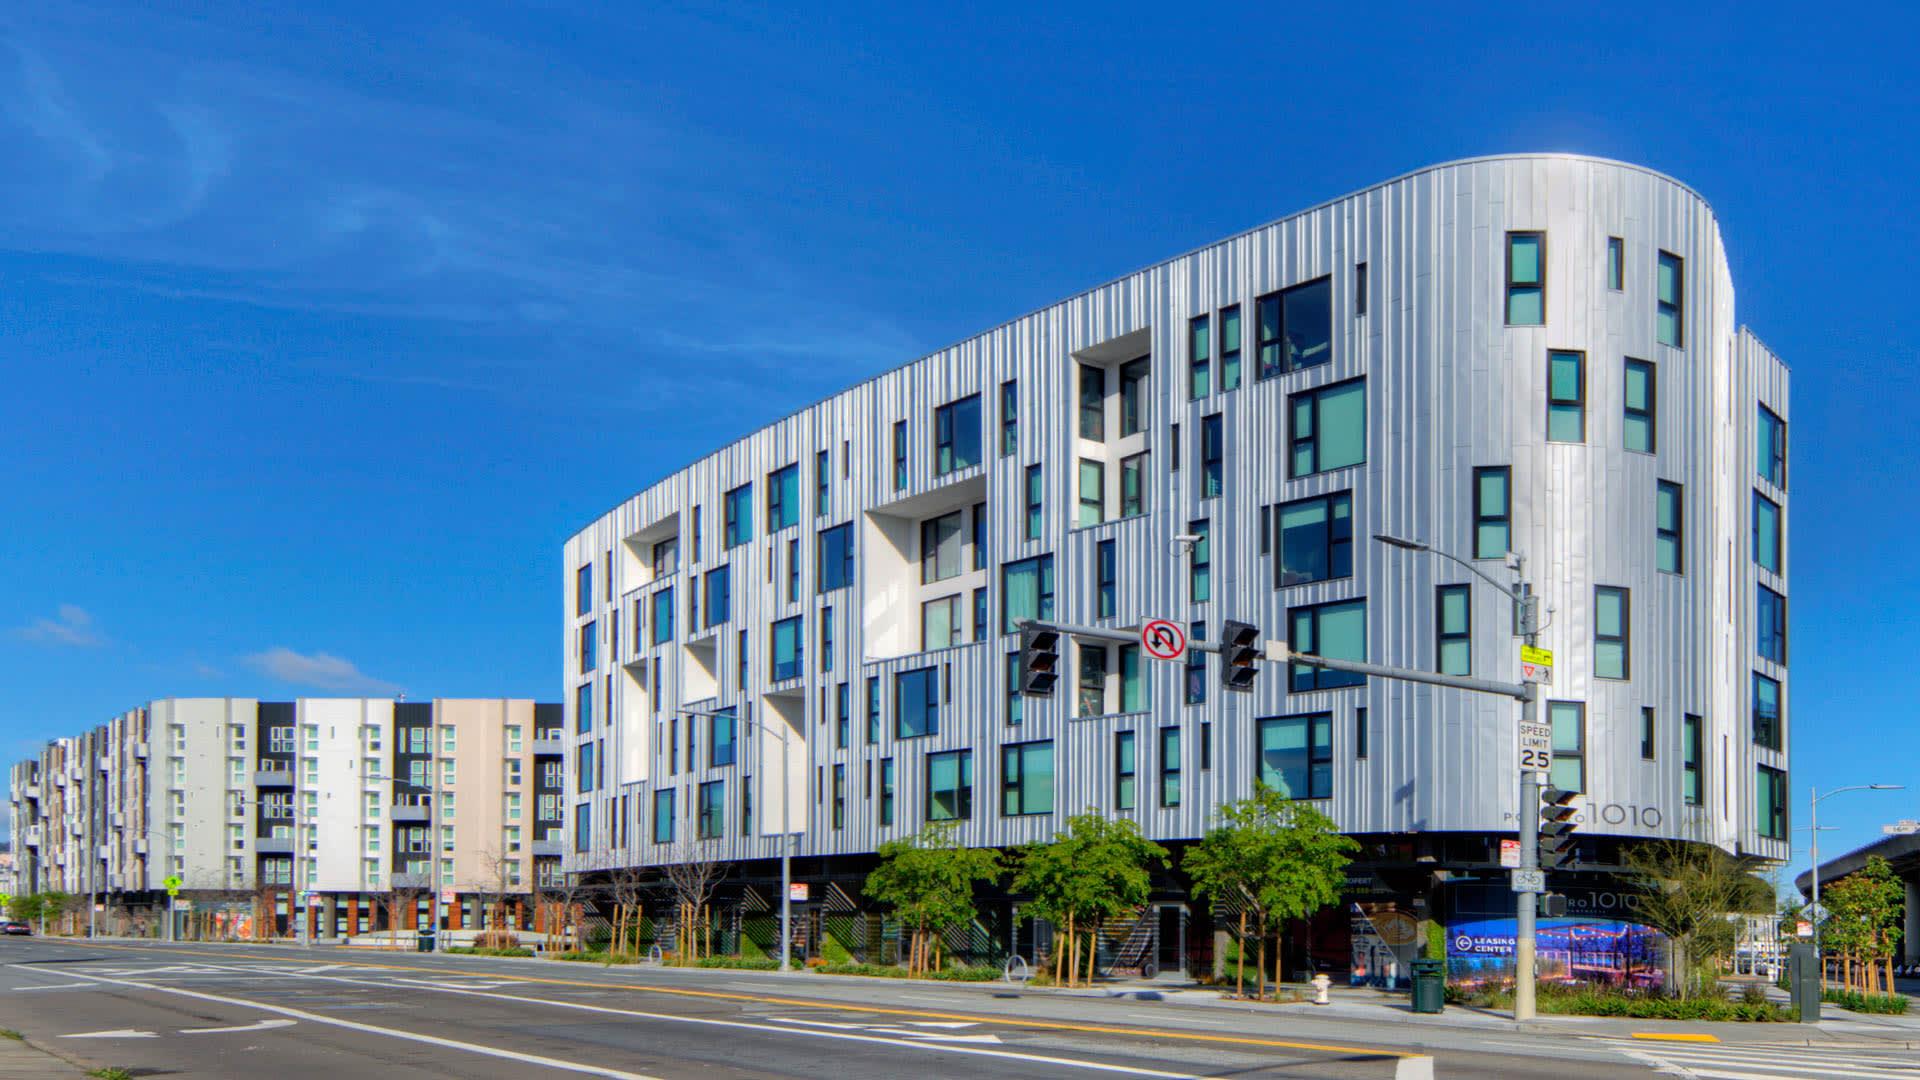 Potrero 1010 Apartments - Exterior